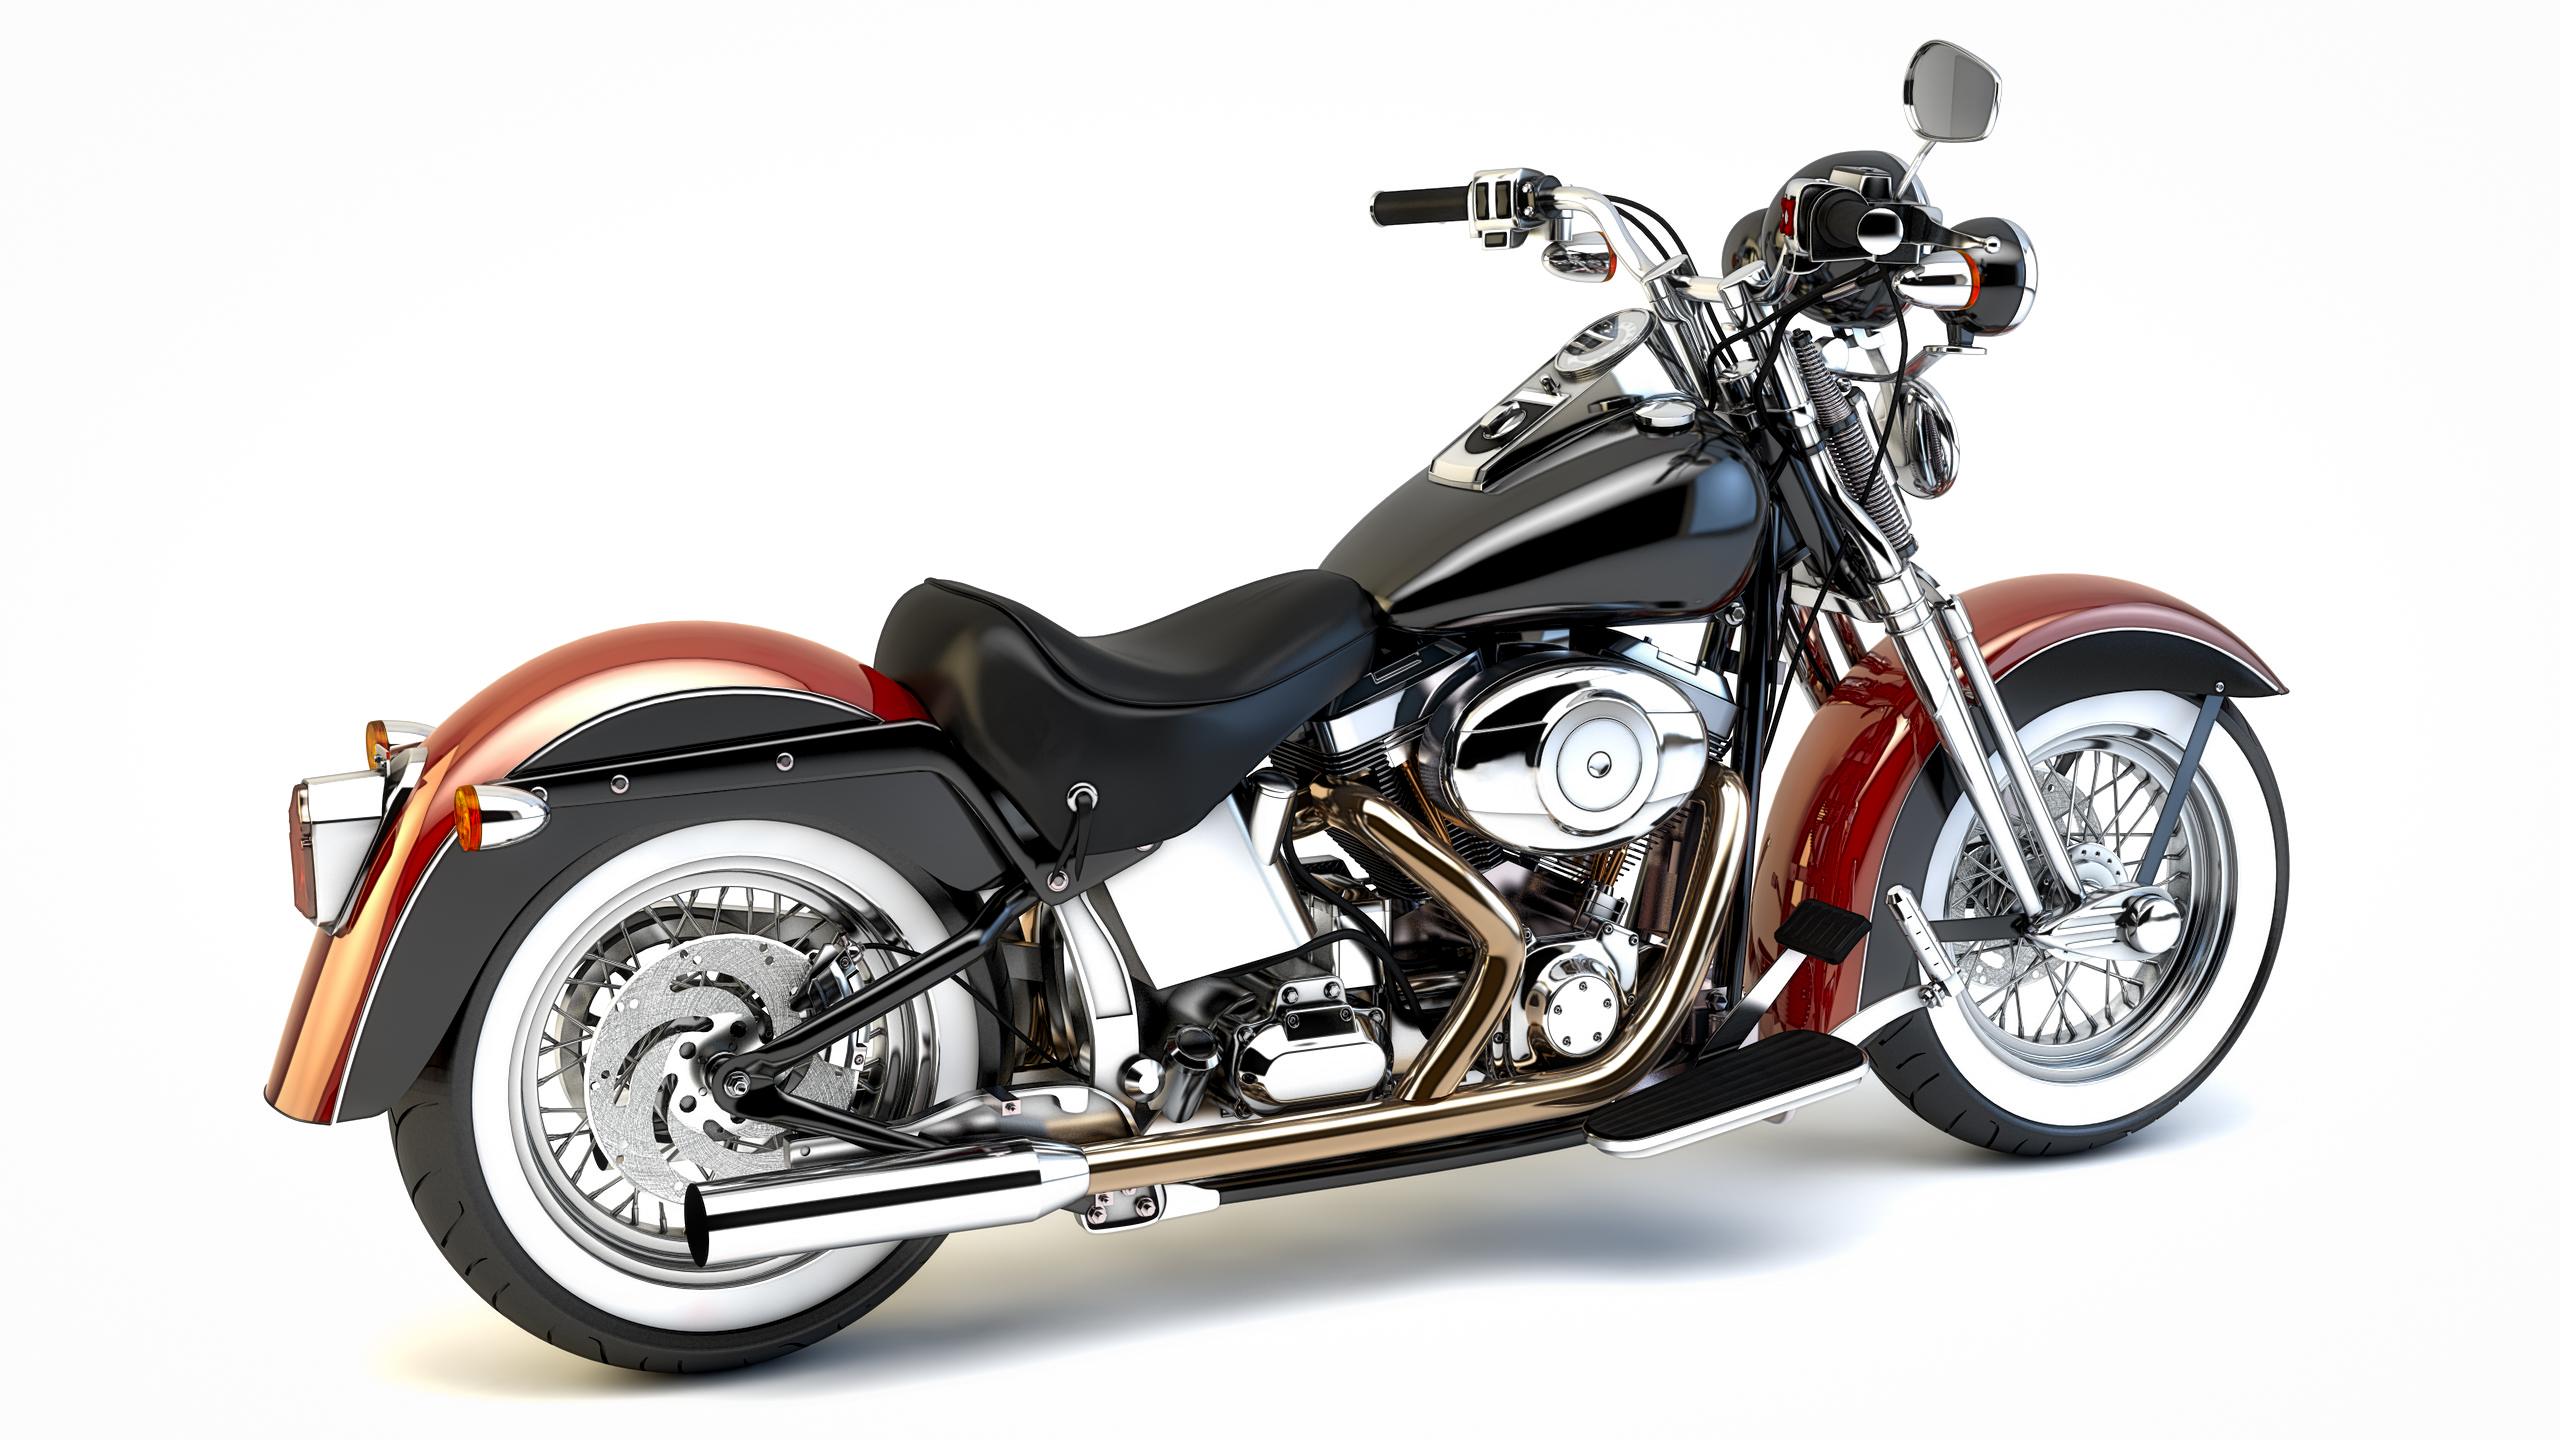 Harley Davidson Flsts Heritage Springer Front End